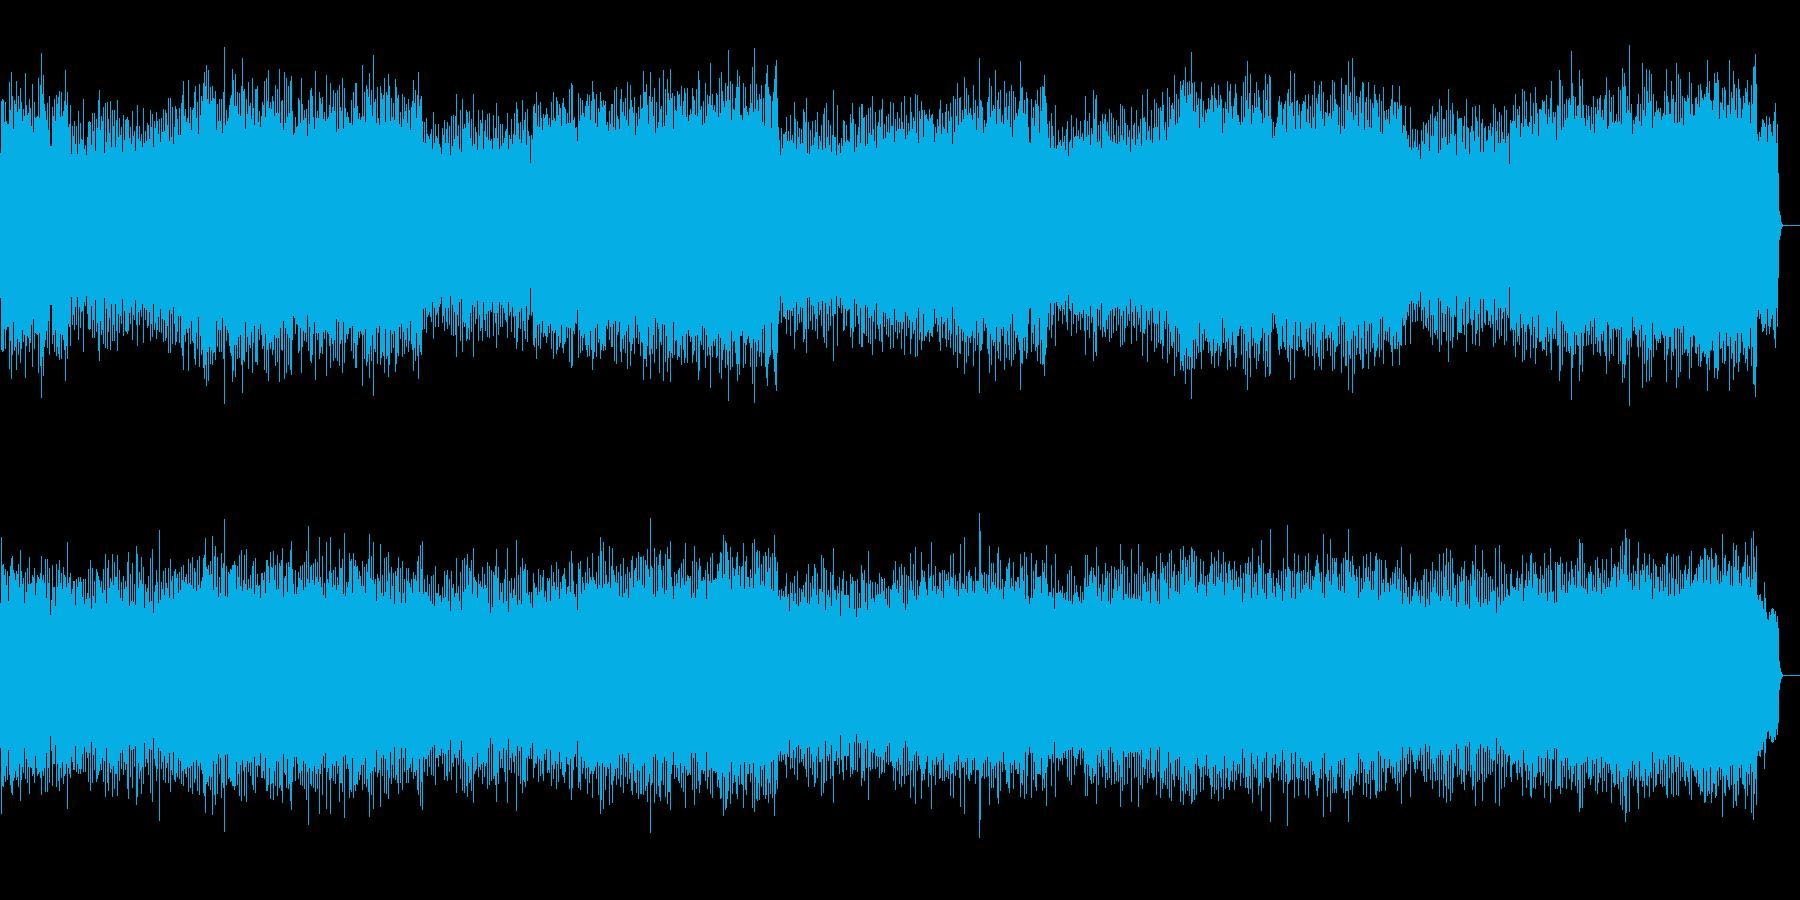 オーケストラとロックのバトル/戦闘曲の再生済みの波形